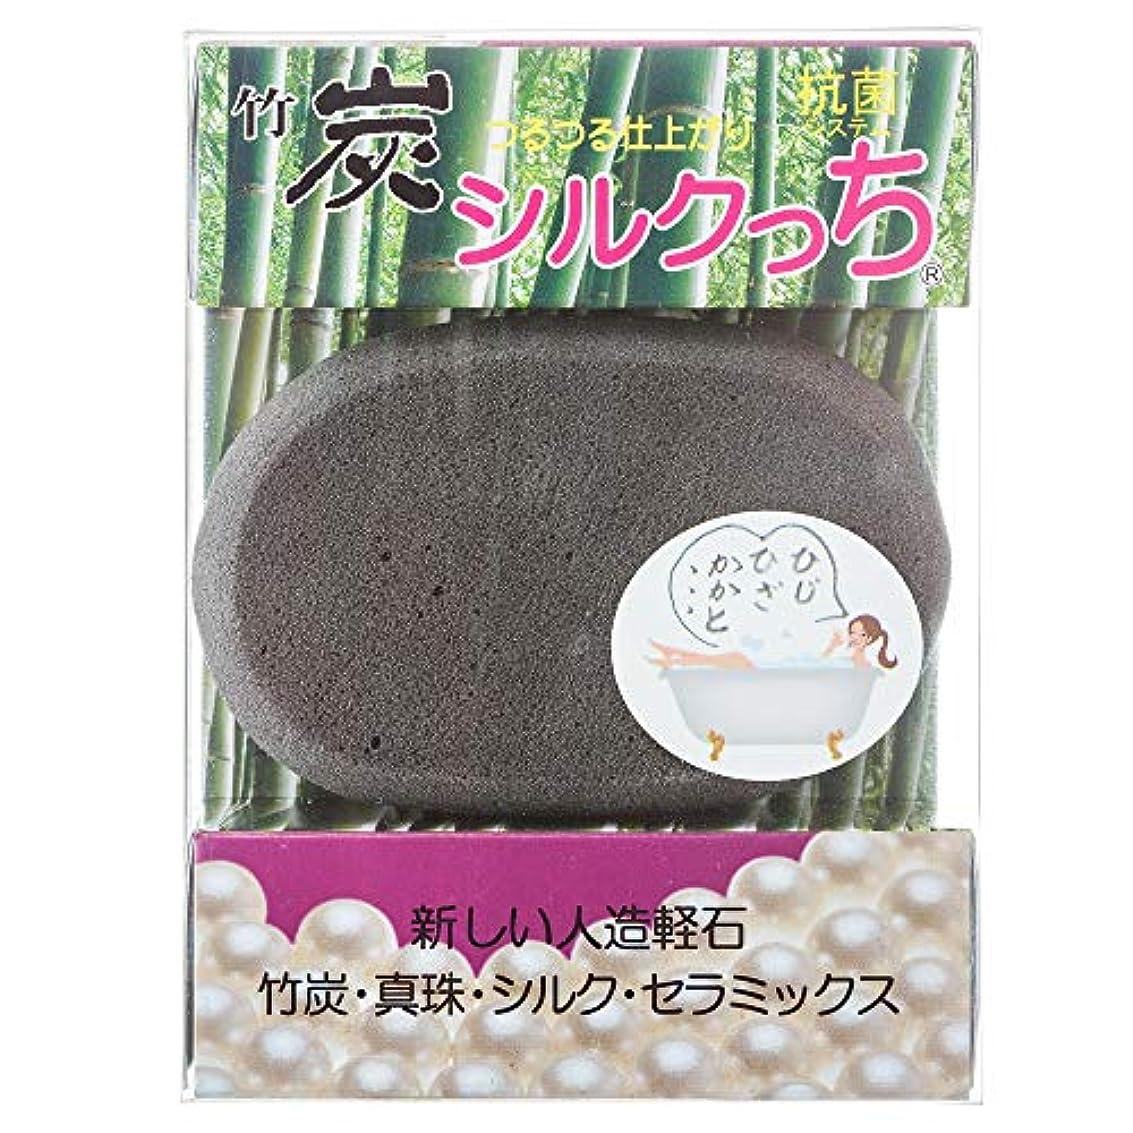 ギャロップ藤色によって竹炭シルクっち